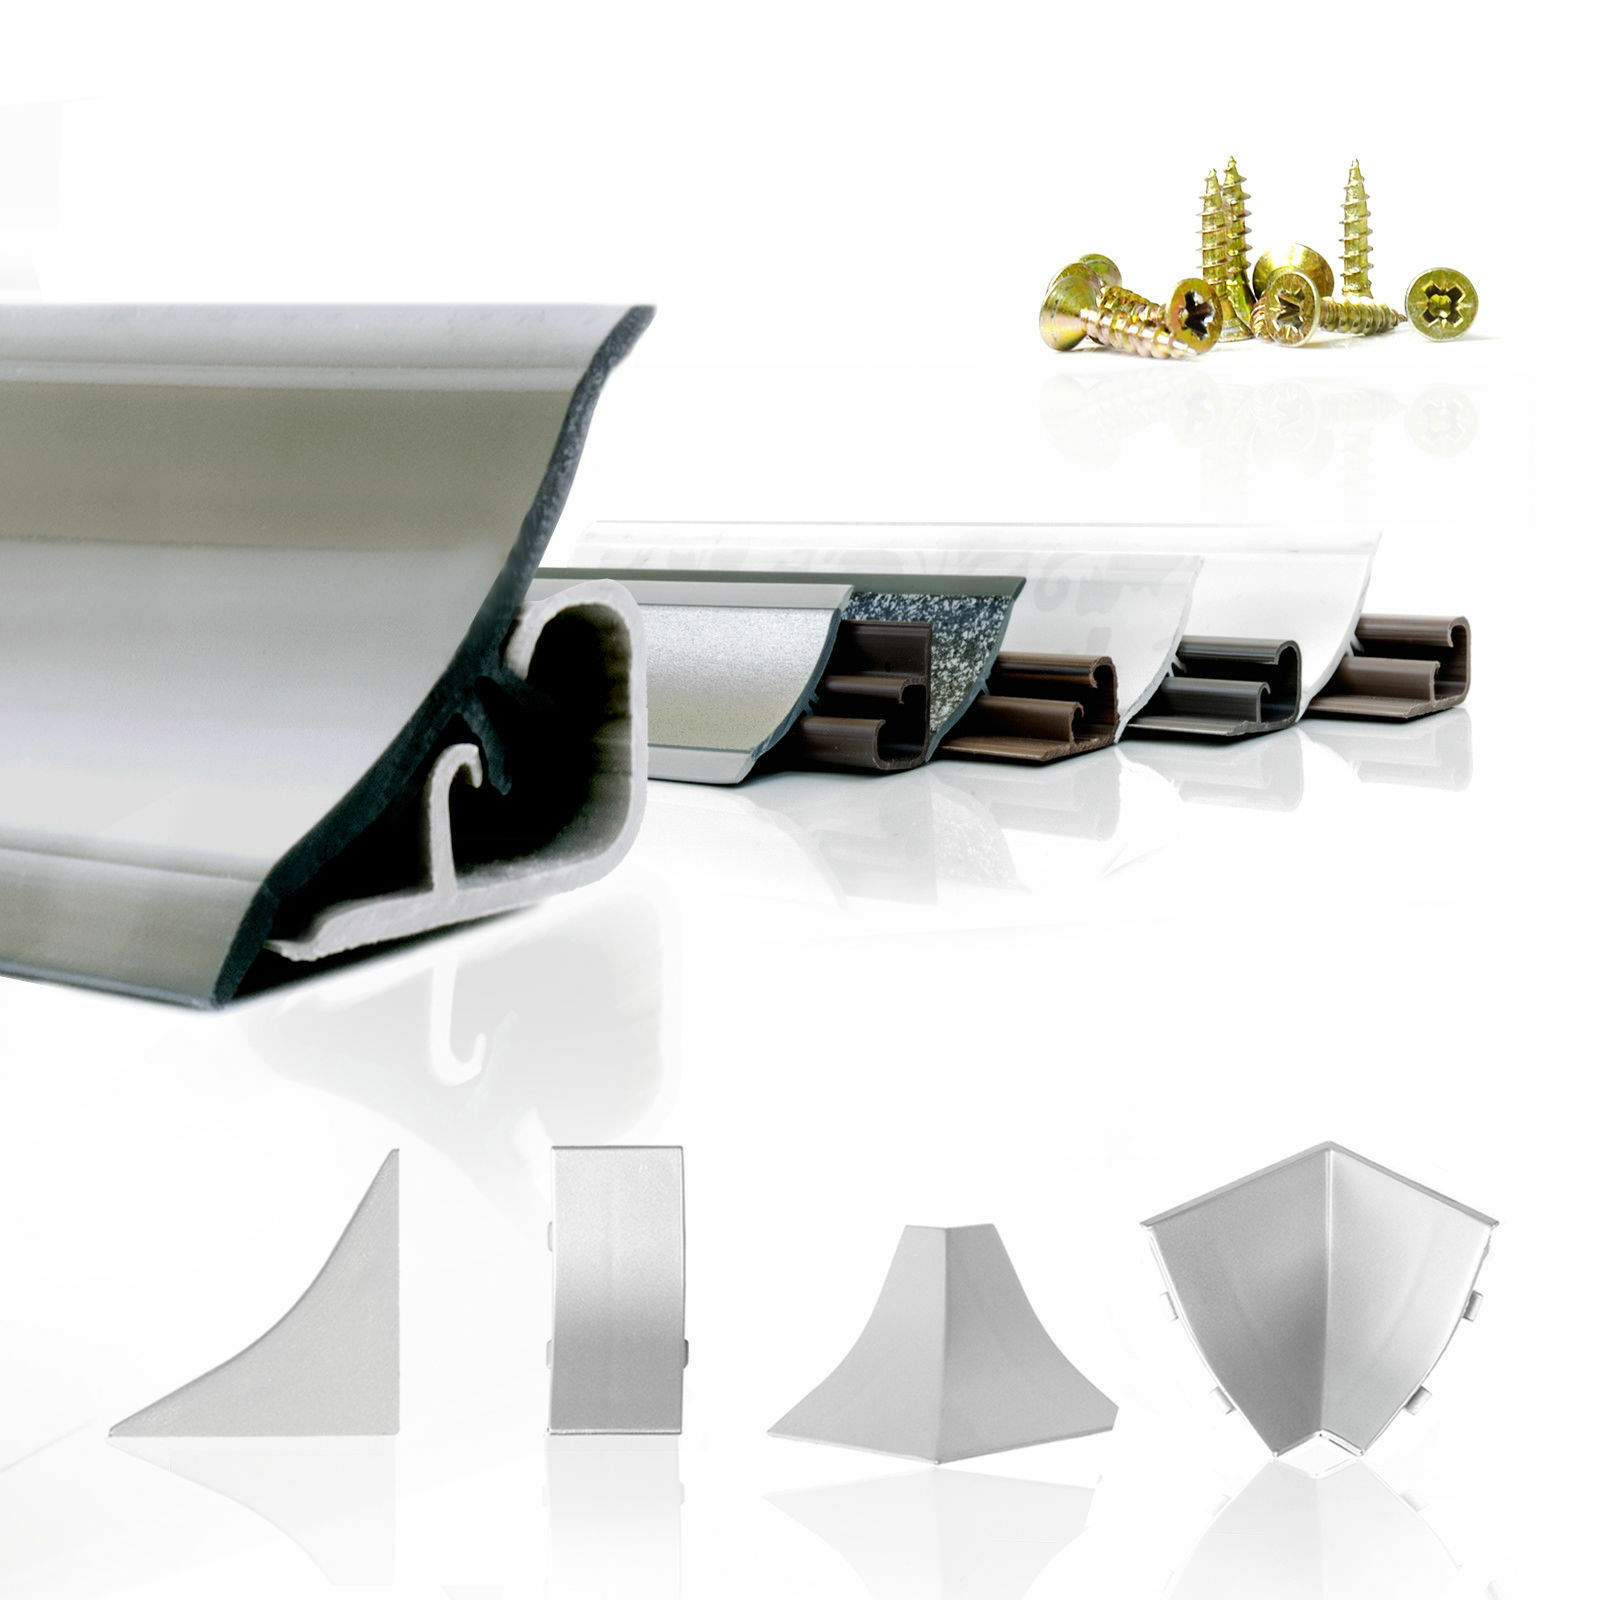 Abschlussleiste Küchenarbeitsplatte 23mm Weichsockelleiste Arbeitsplatte Küche